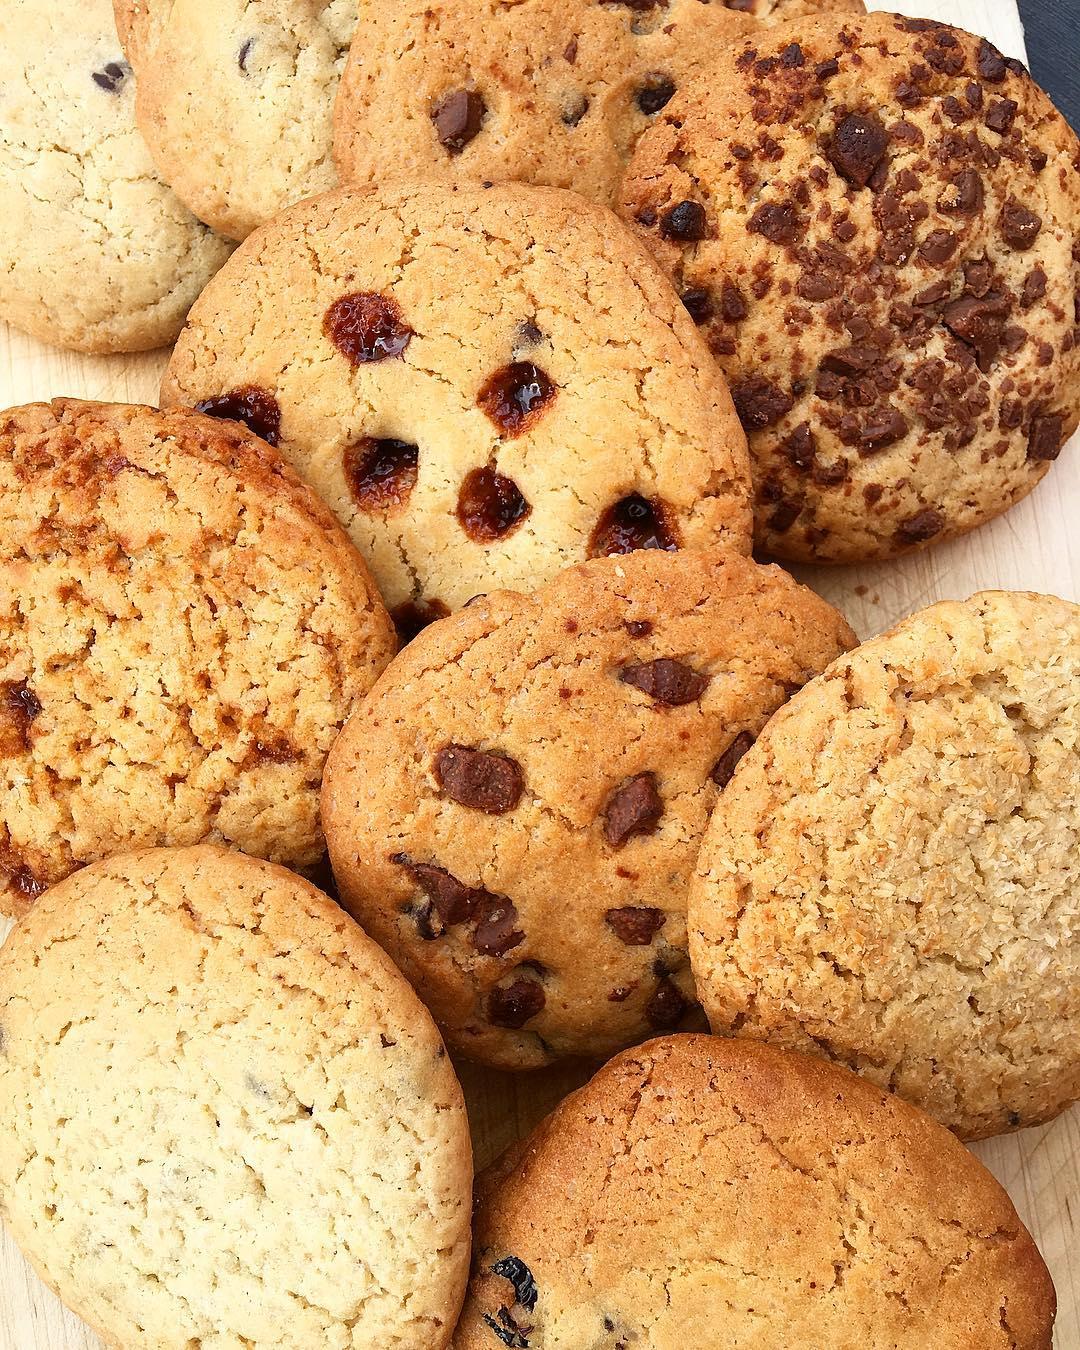 Aujourd'hui j'ai reçu le plus génial de tous les colis ? !!! . .  Des COOKIES ? plus gros que la main à tous les parfums ?? Merci d'entrenir mon gras ! #legrascestlavie . . ➕ CHEZ WOOKIEE • cookies faits maison . ?Montpellier (34)?? . . ___________ #chezwookiee #cookies #faitmaison #homemade #food #foodlover #foodporn #foodstagram #blogfood #bloggerfood #foodblogger #montpellier #pintademontpellier